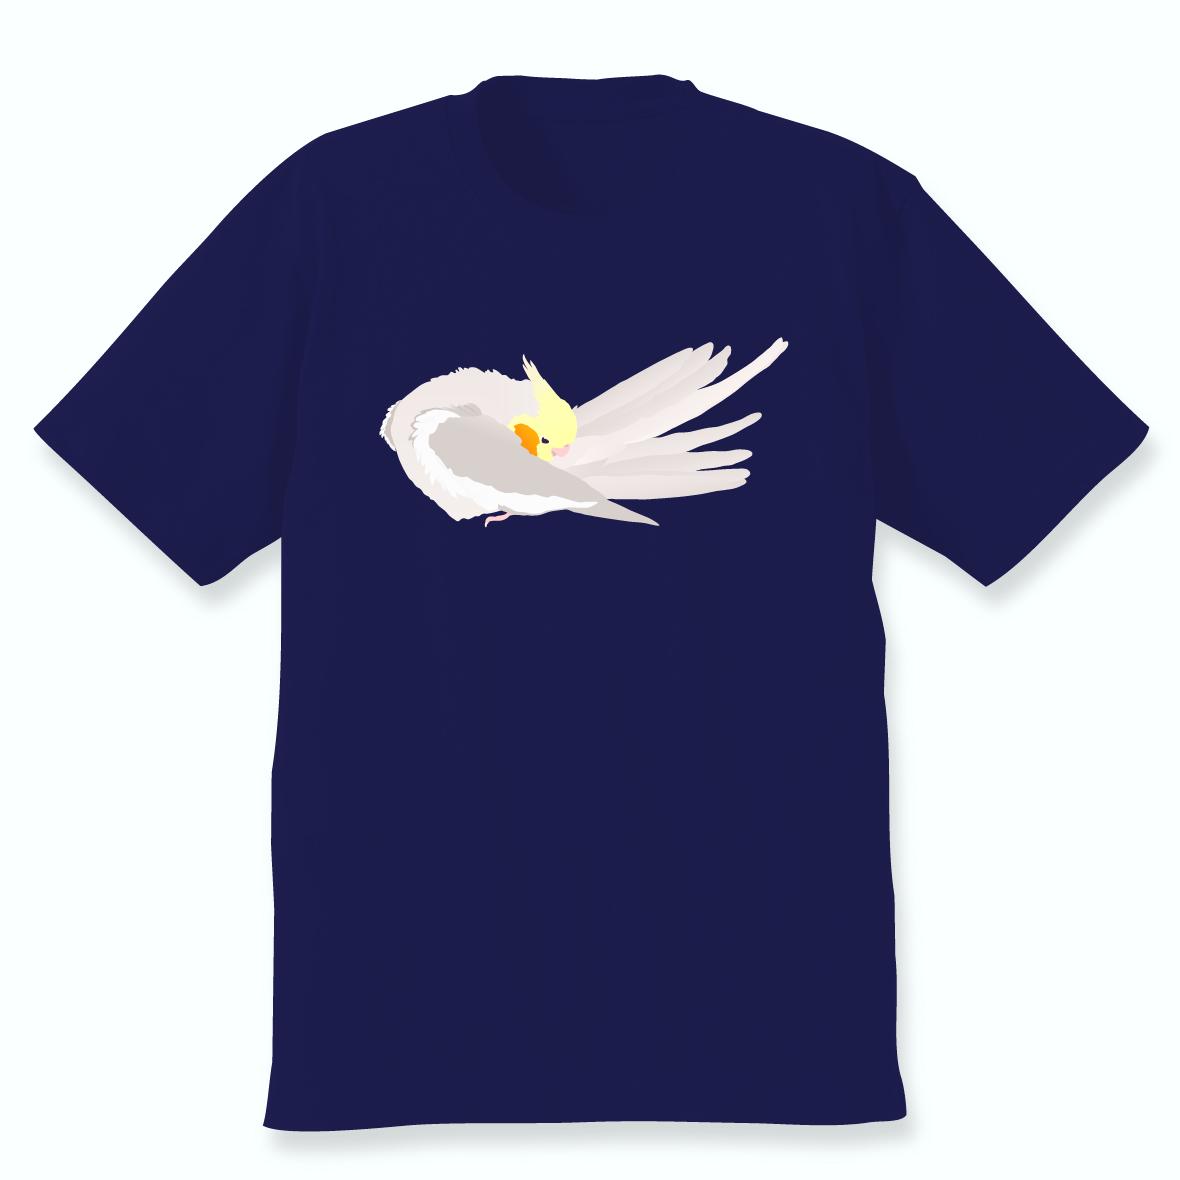 羽づくろうオカメインコTシャツ(シナモン)ネイビー